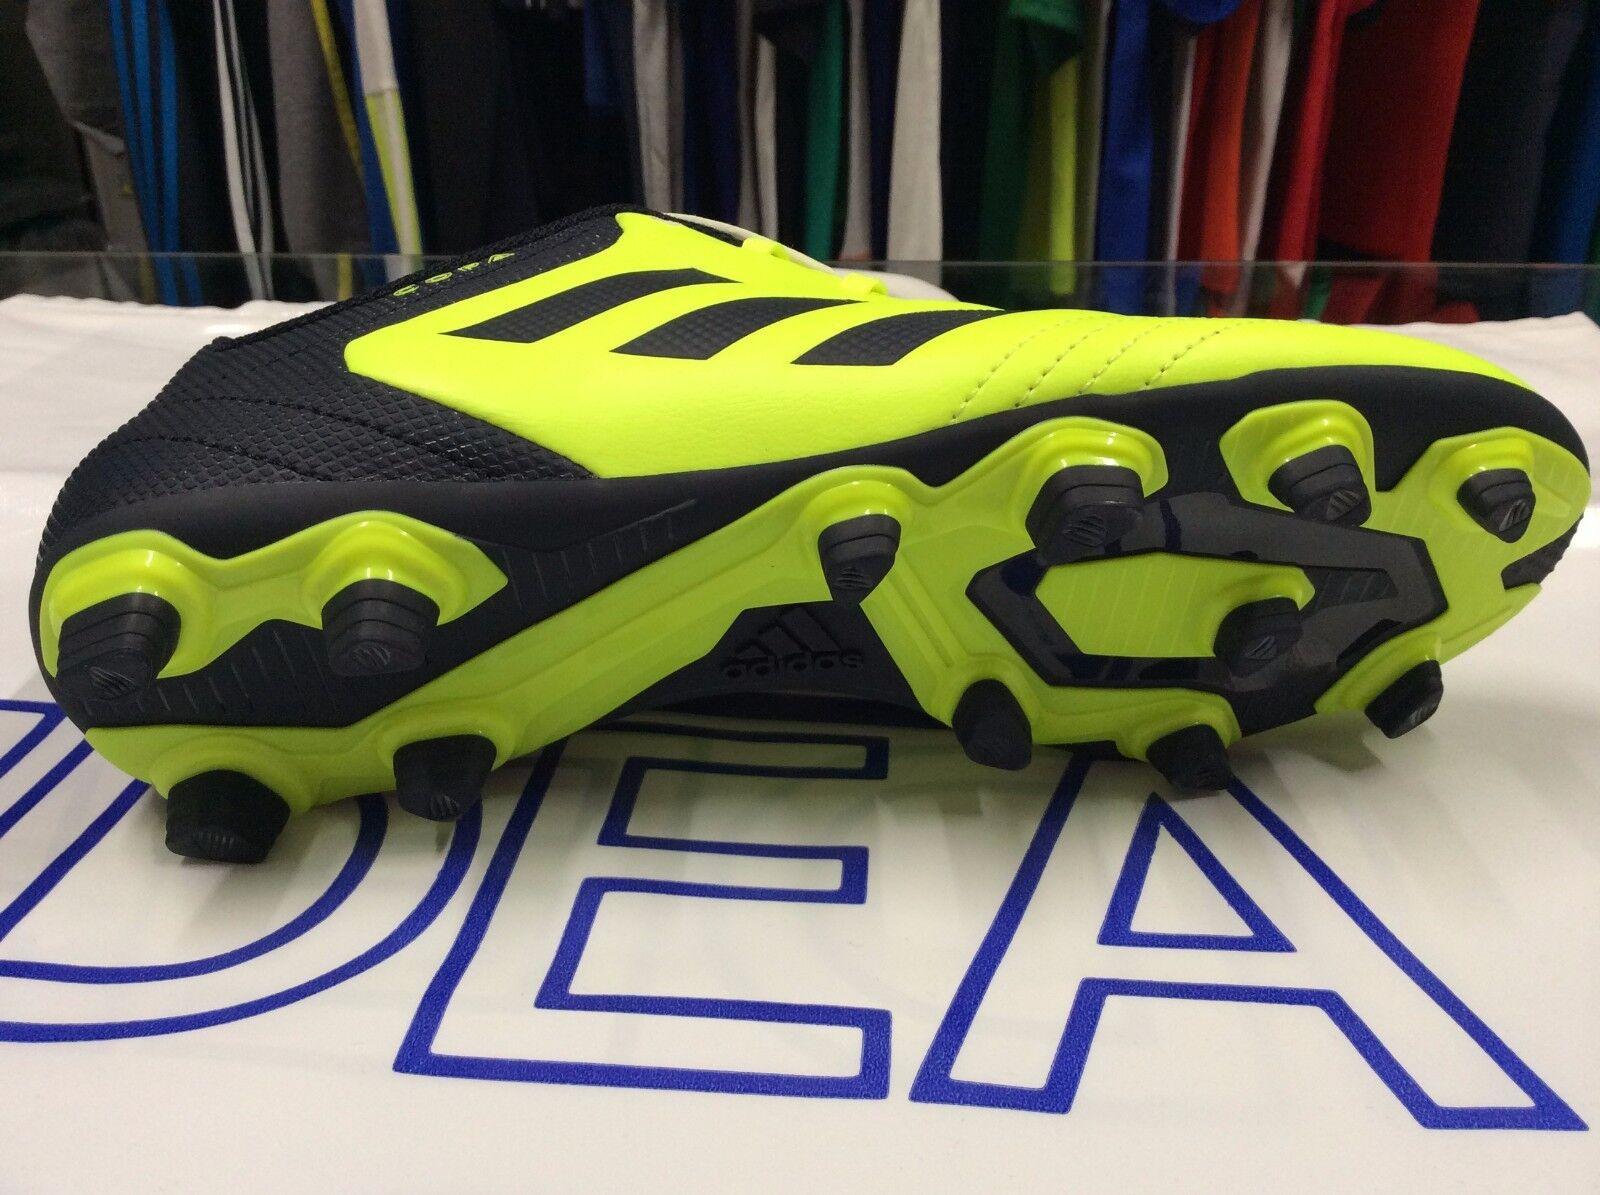 Adidas scarpe scarpe scarpe de hombre f Ú tbol arte.s77162 mod.il copa 17,4 fxg   13 i tacos fijos | Export  | Uomini/Donna Scarpa  00b851